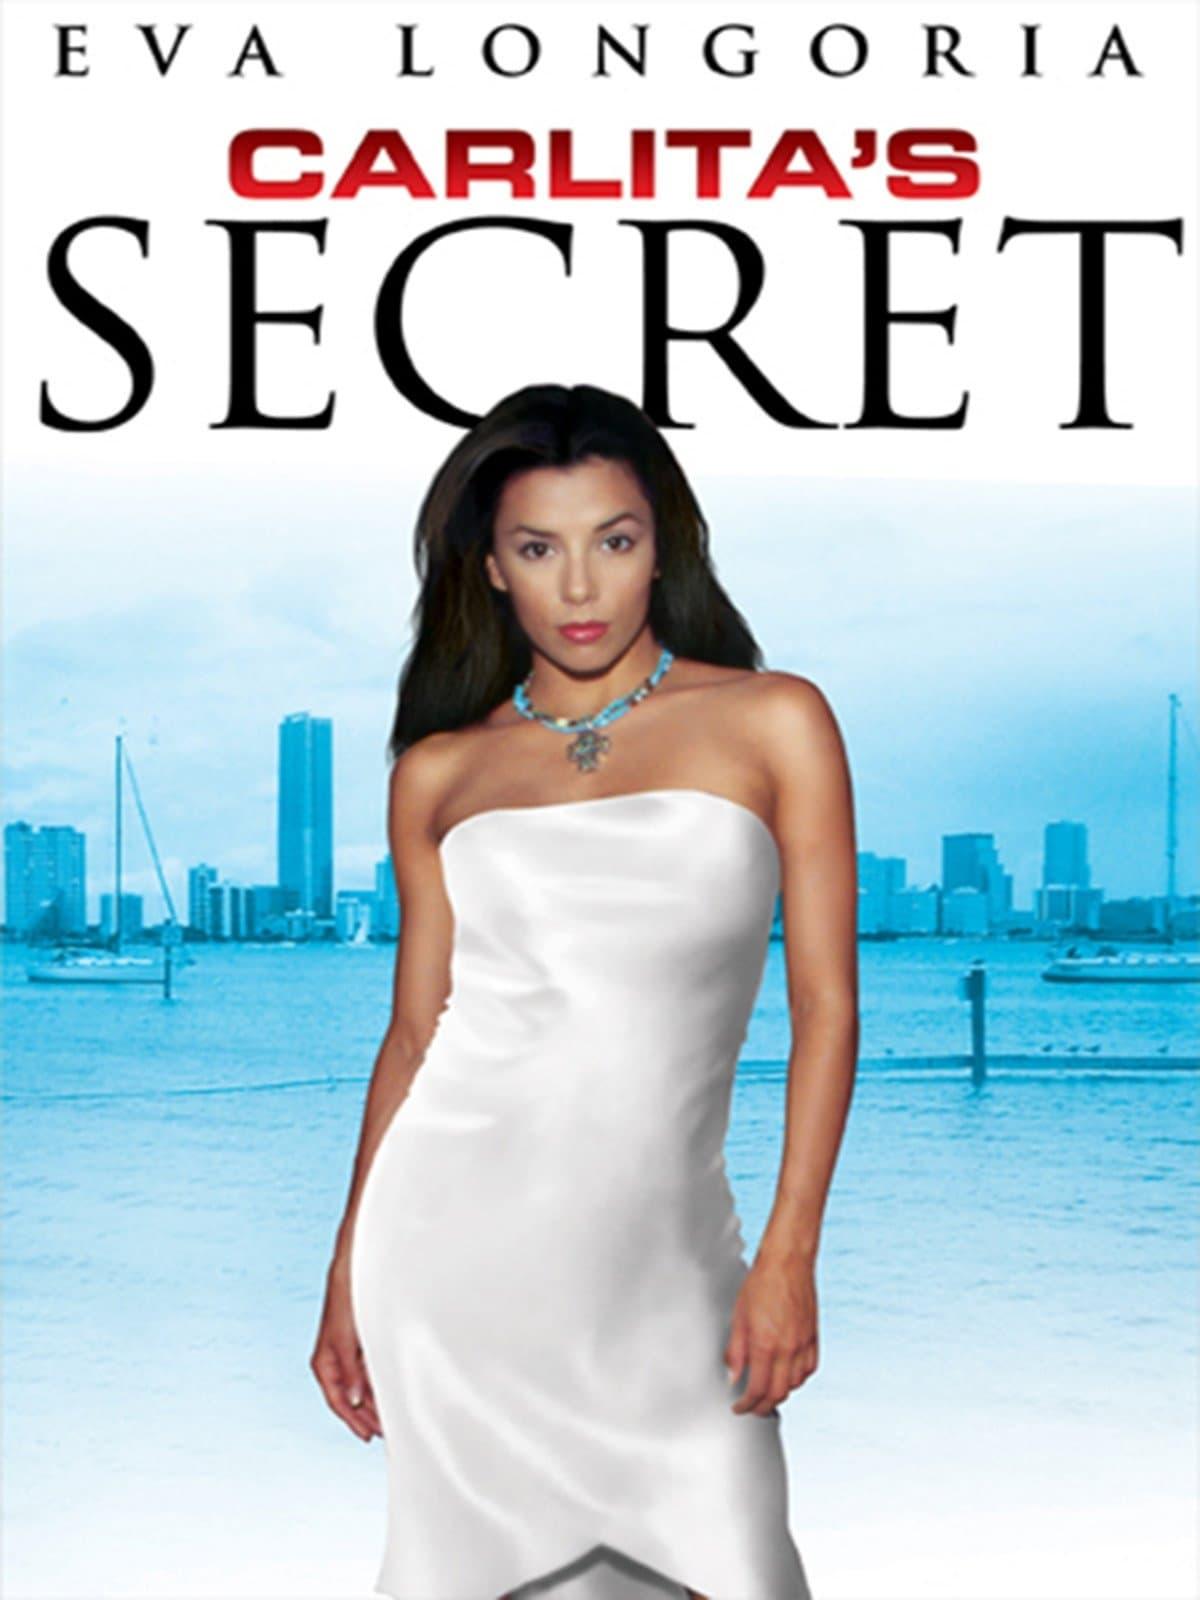 Carlita's Secret - 2004